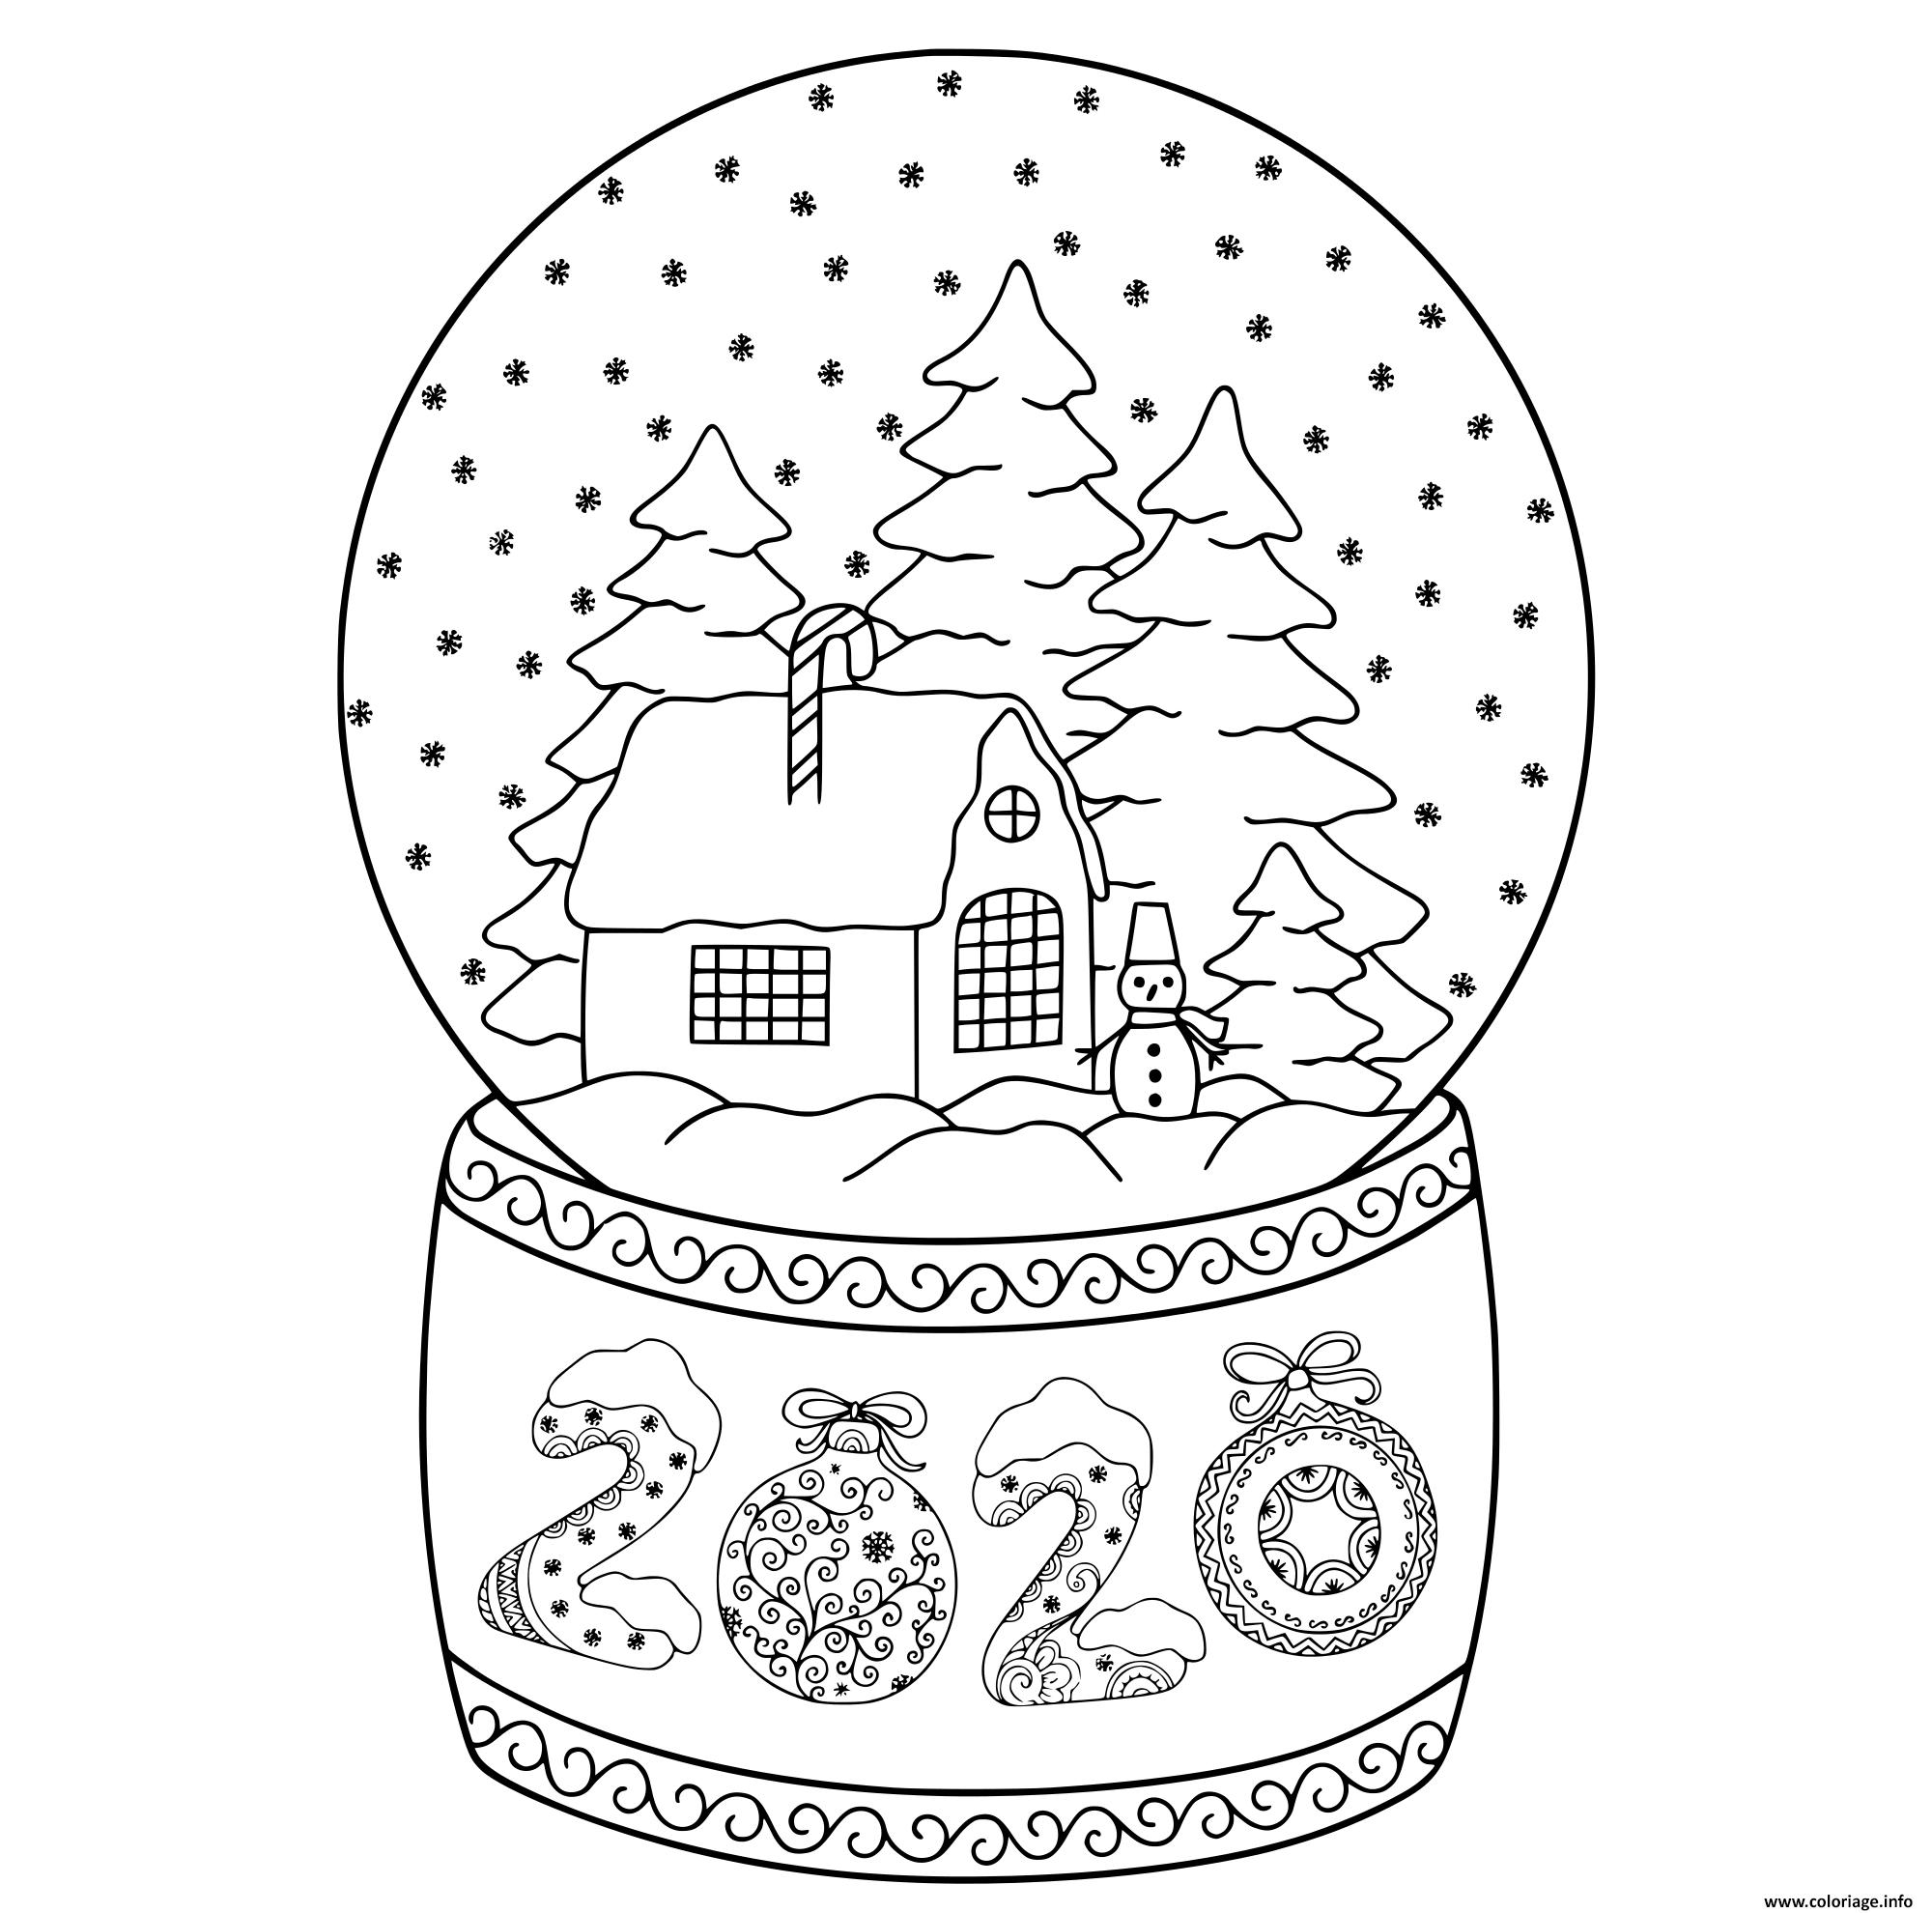 Dessin 2020 toy glass snow globe house Coloriage Gratuit à Imprimer